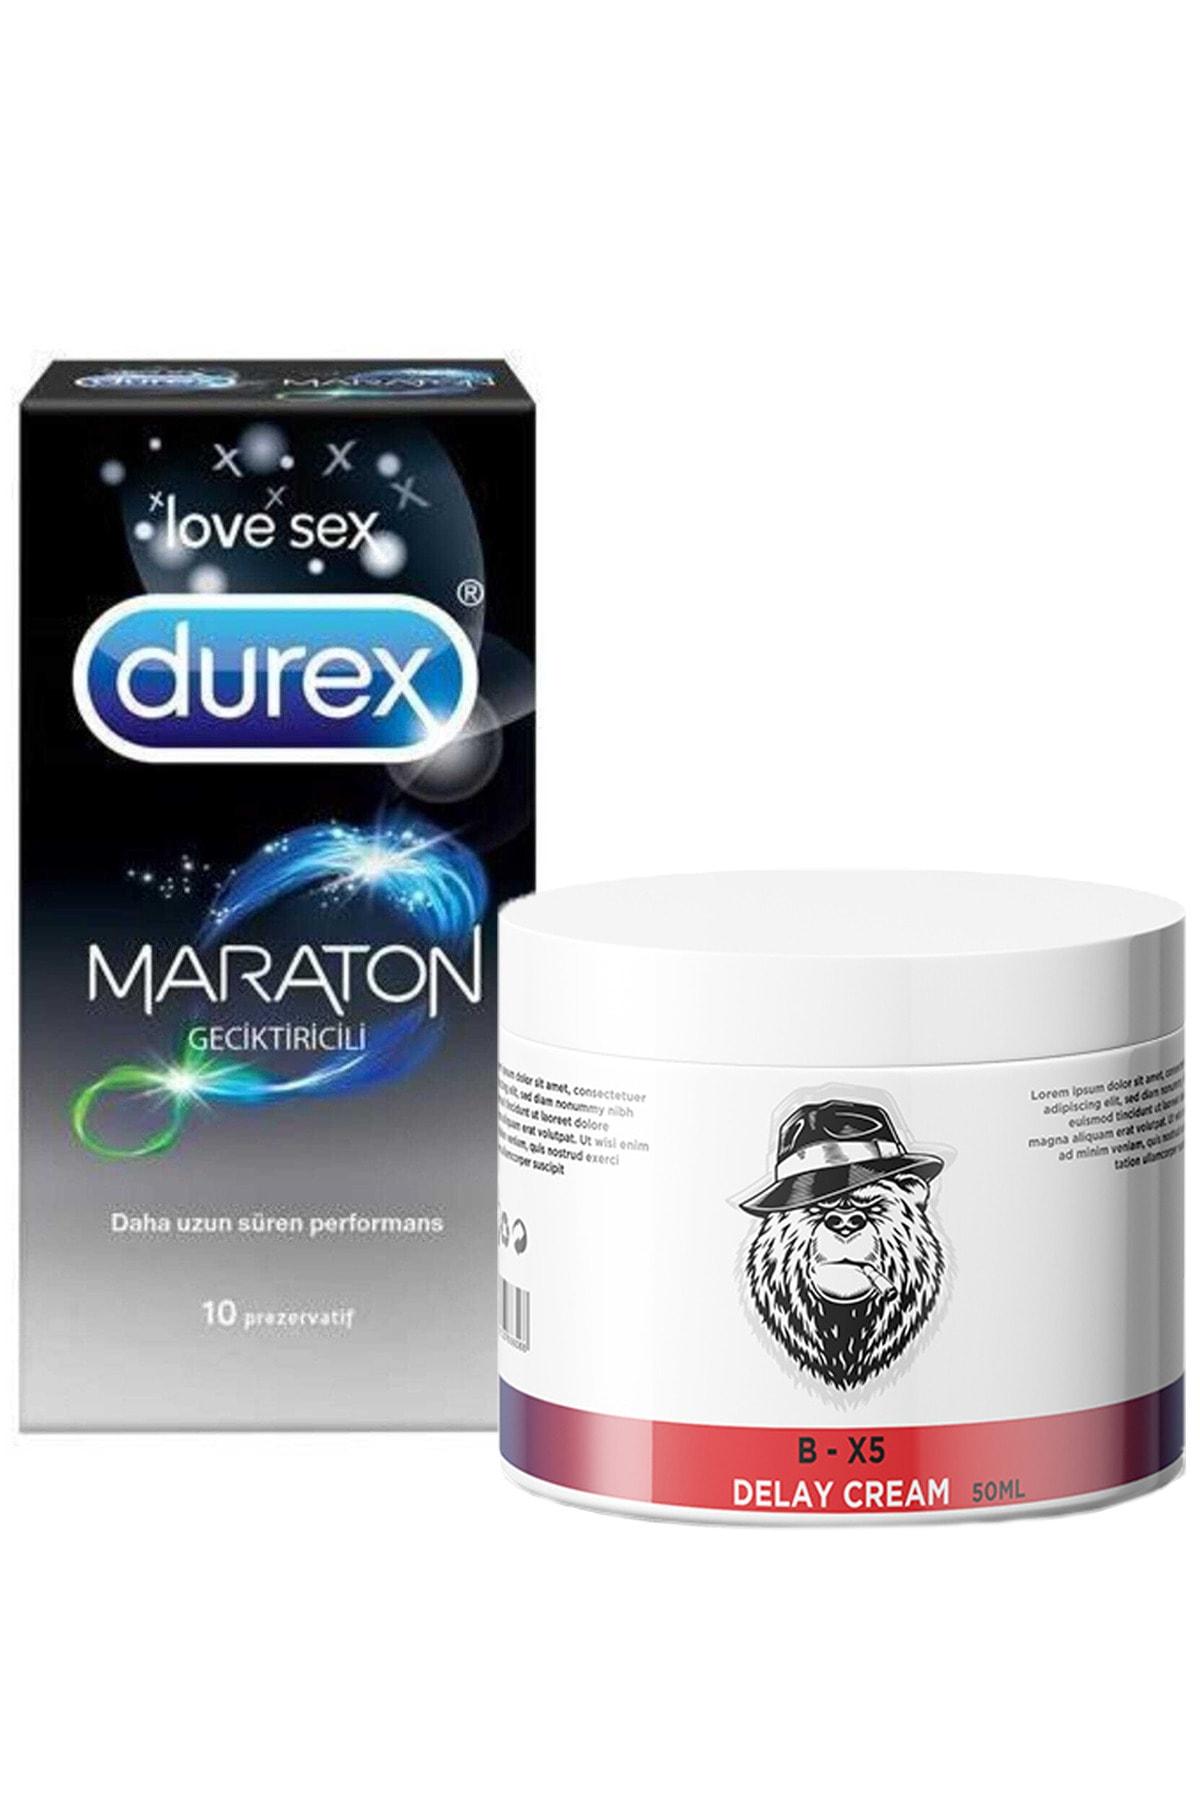 Durex Maraton Prezervatif Delay Krem Bx5 Delay 100 Ml 1